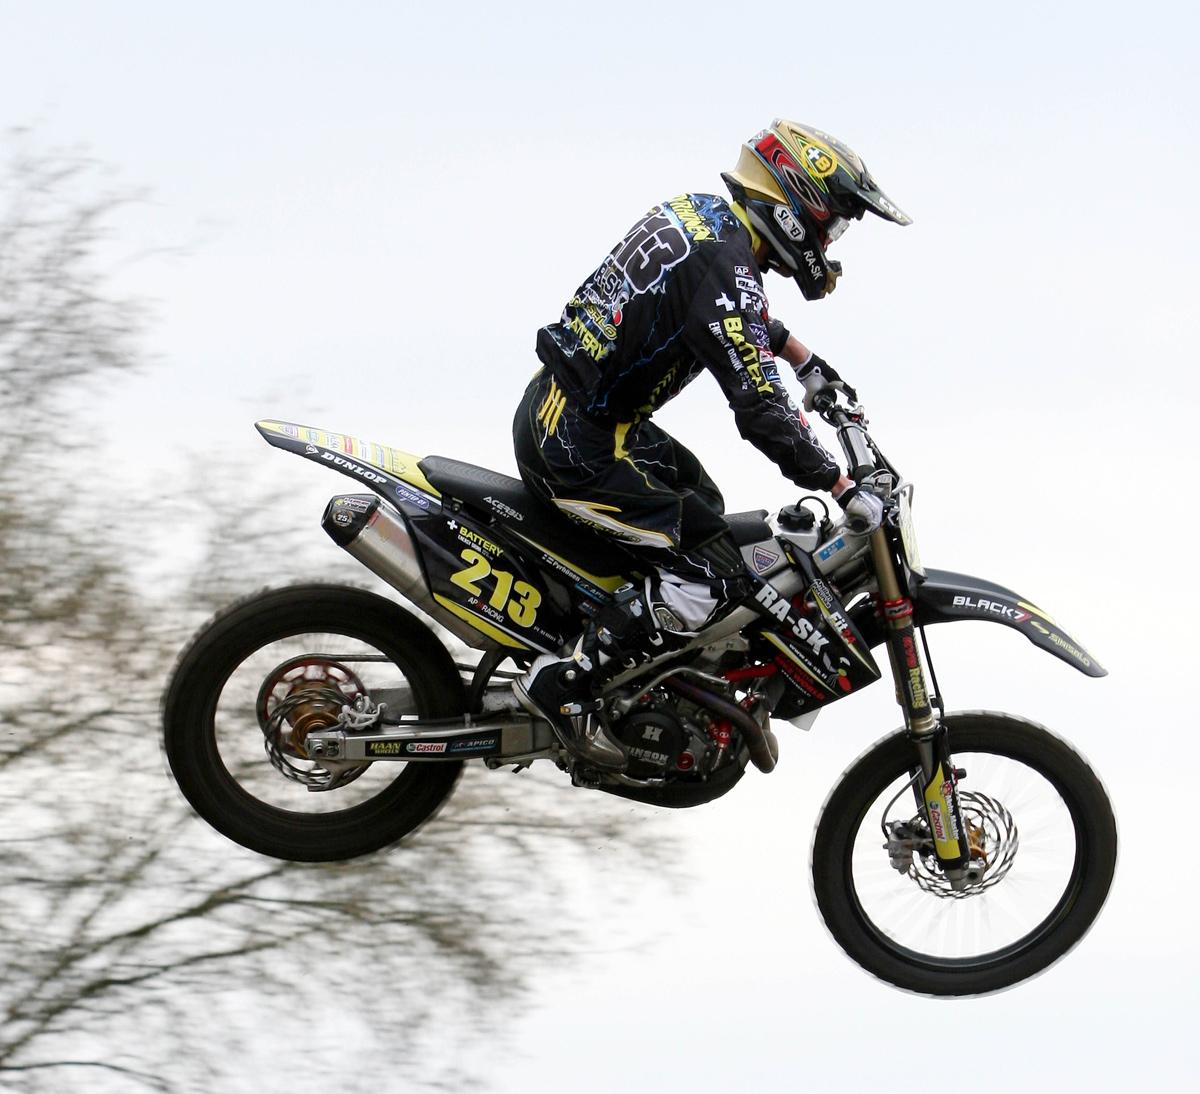 Antti_Pyrhonen_2012